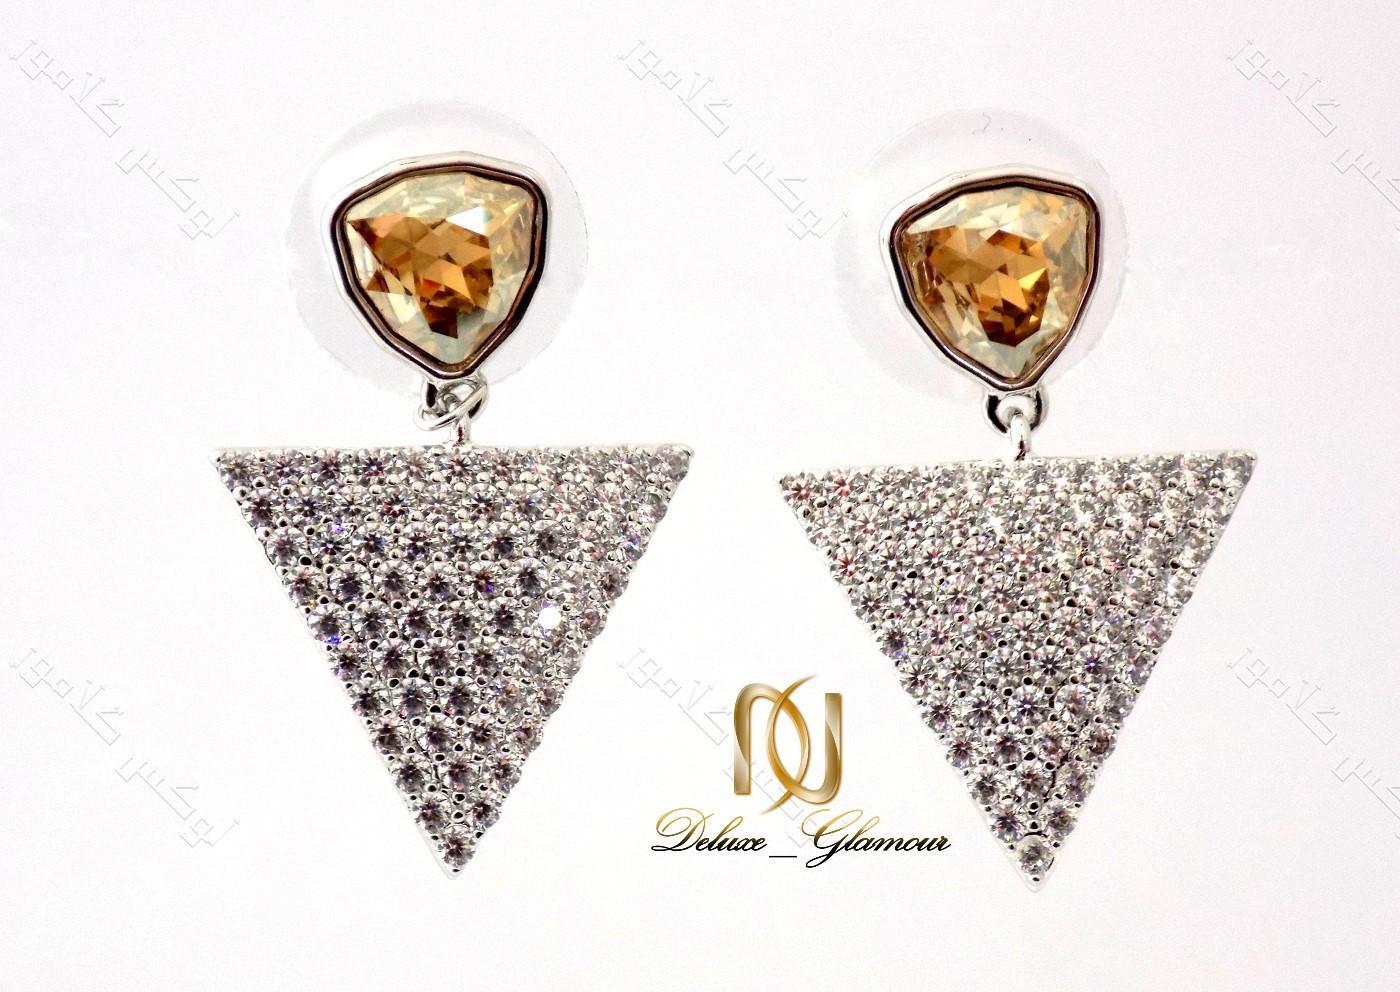 گوشواره دخترانه نگین دار شامپاینی مثلثی با کریستالهای سواروفسکی Er-n116